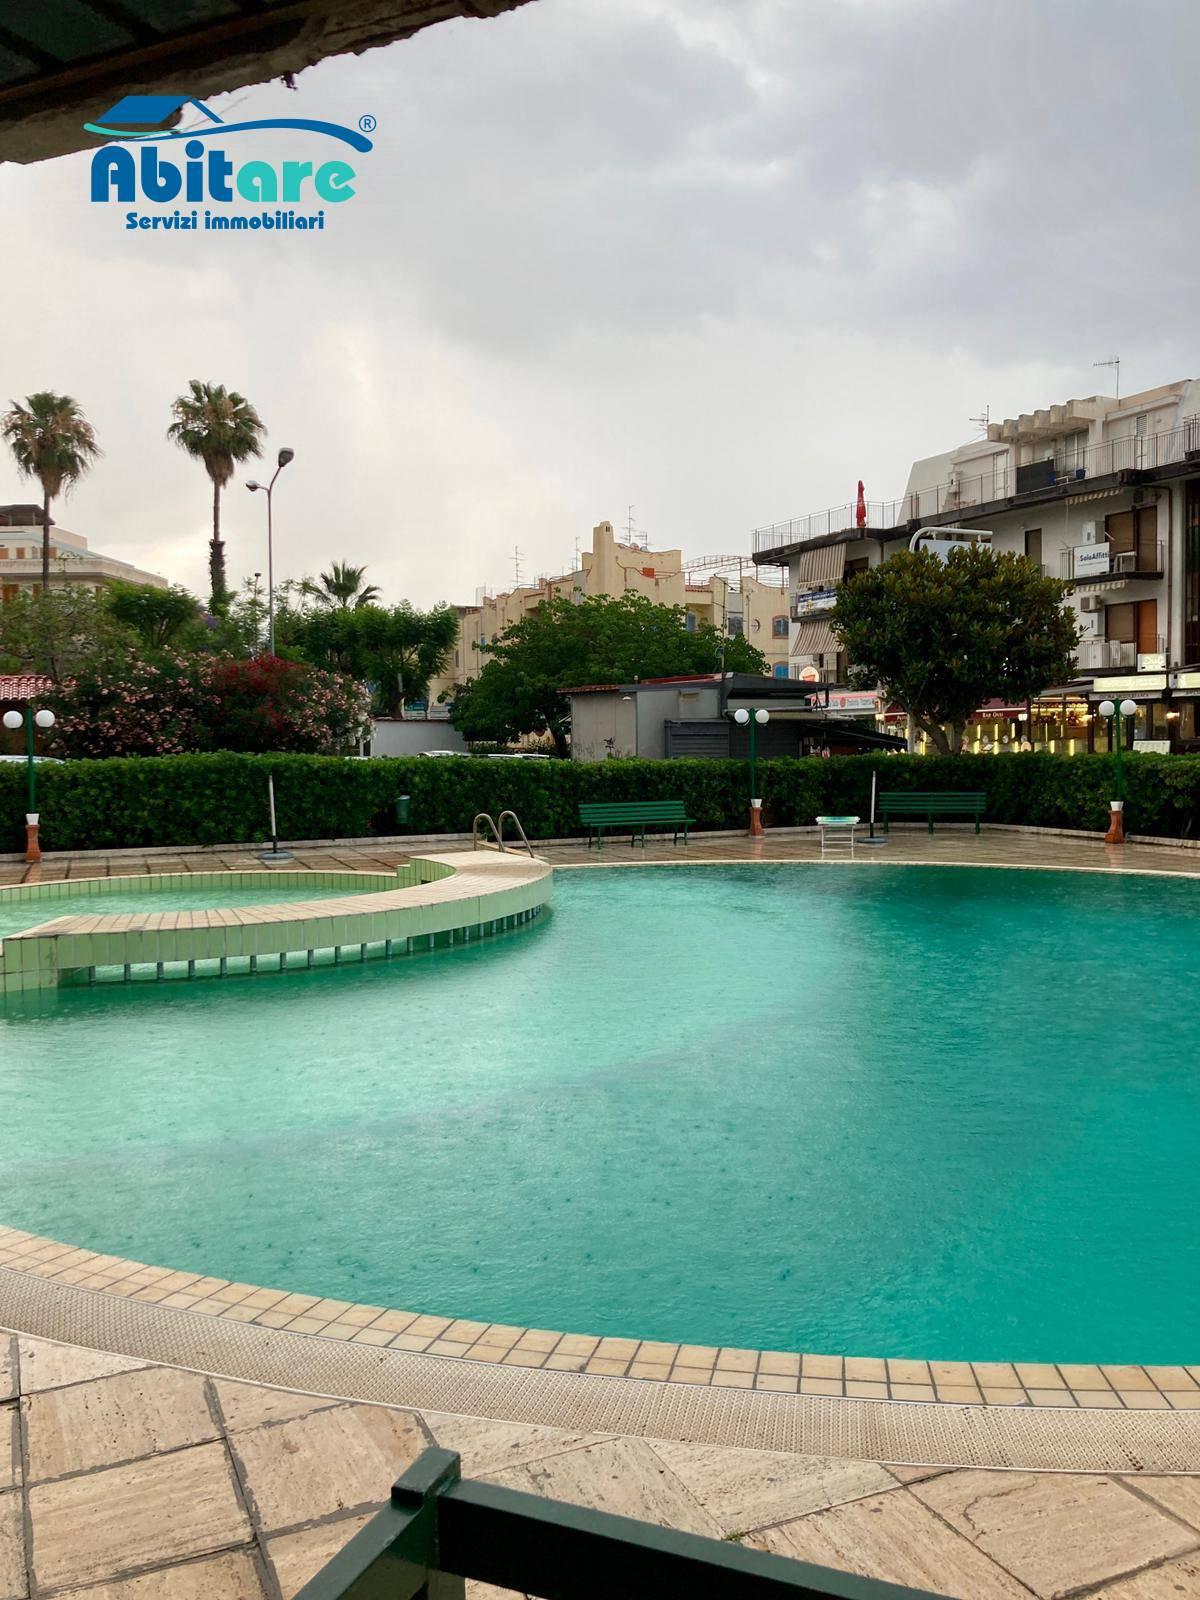 Appartamento in vendita a Giardini-Naxos, 2 locali, zona Zona: Giardini, prezzo € 180.000 | CambioCasa.it